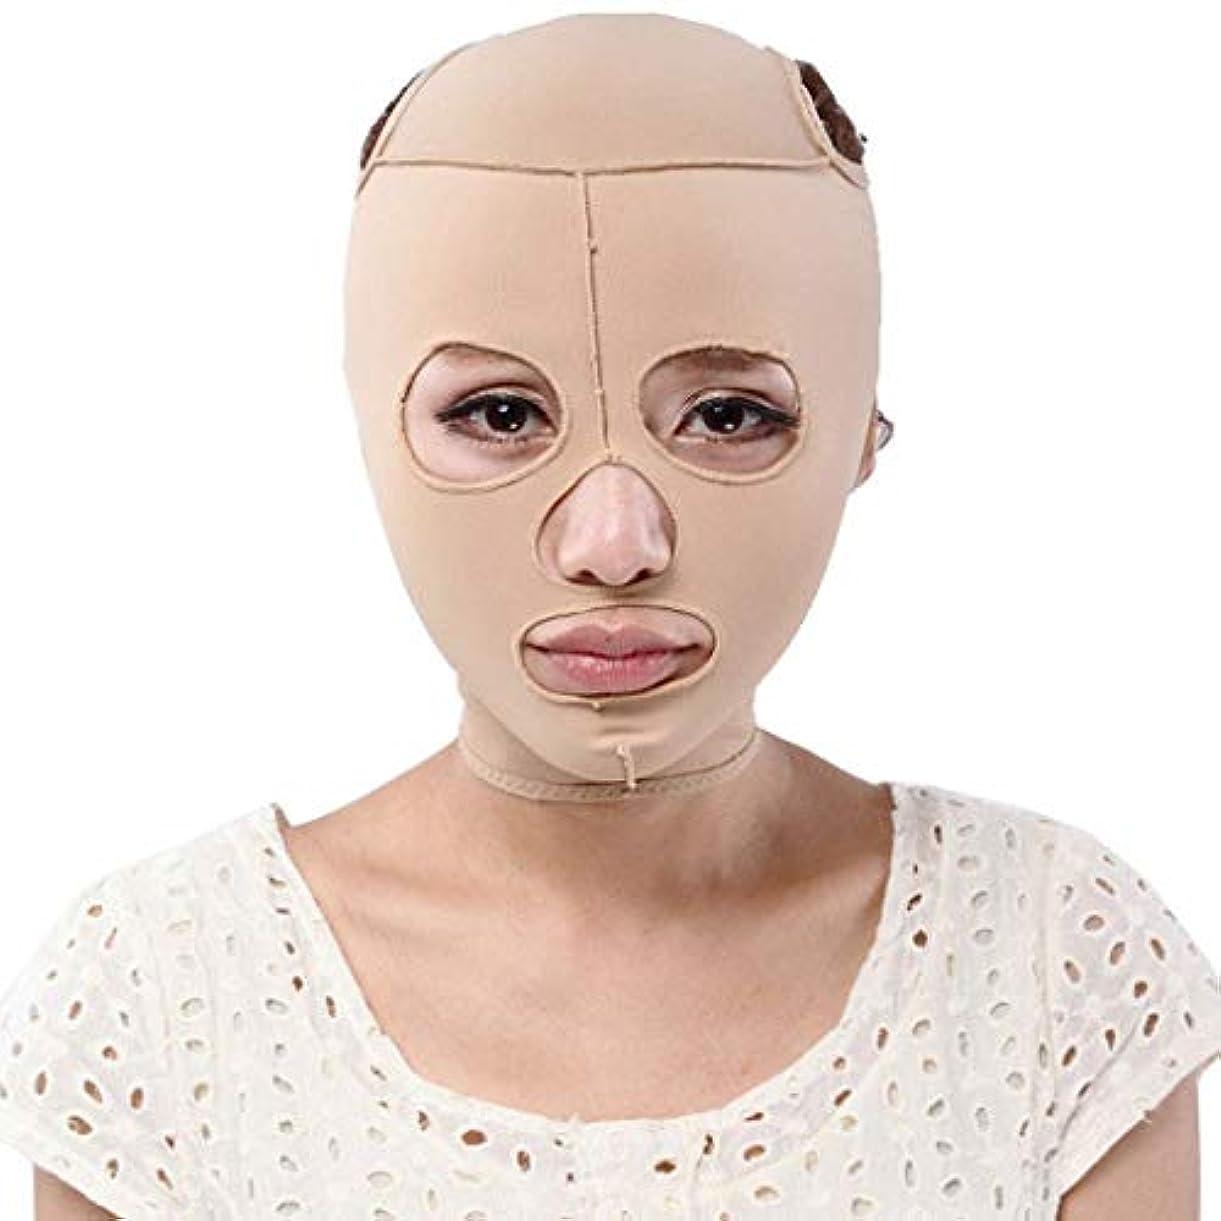 床地域論争的フェイシャルスリミングマスク、フェイスリフティング包帯Vフェイスリフティングおよびリフティング/チンブラッシュスリムボディリダクションダブルチン減量包帯通気性、肌(XL) (S)